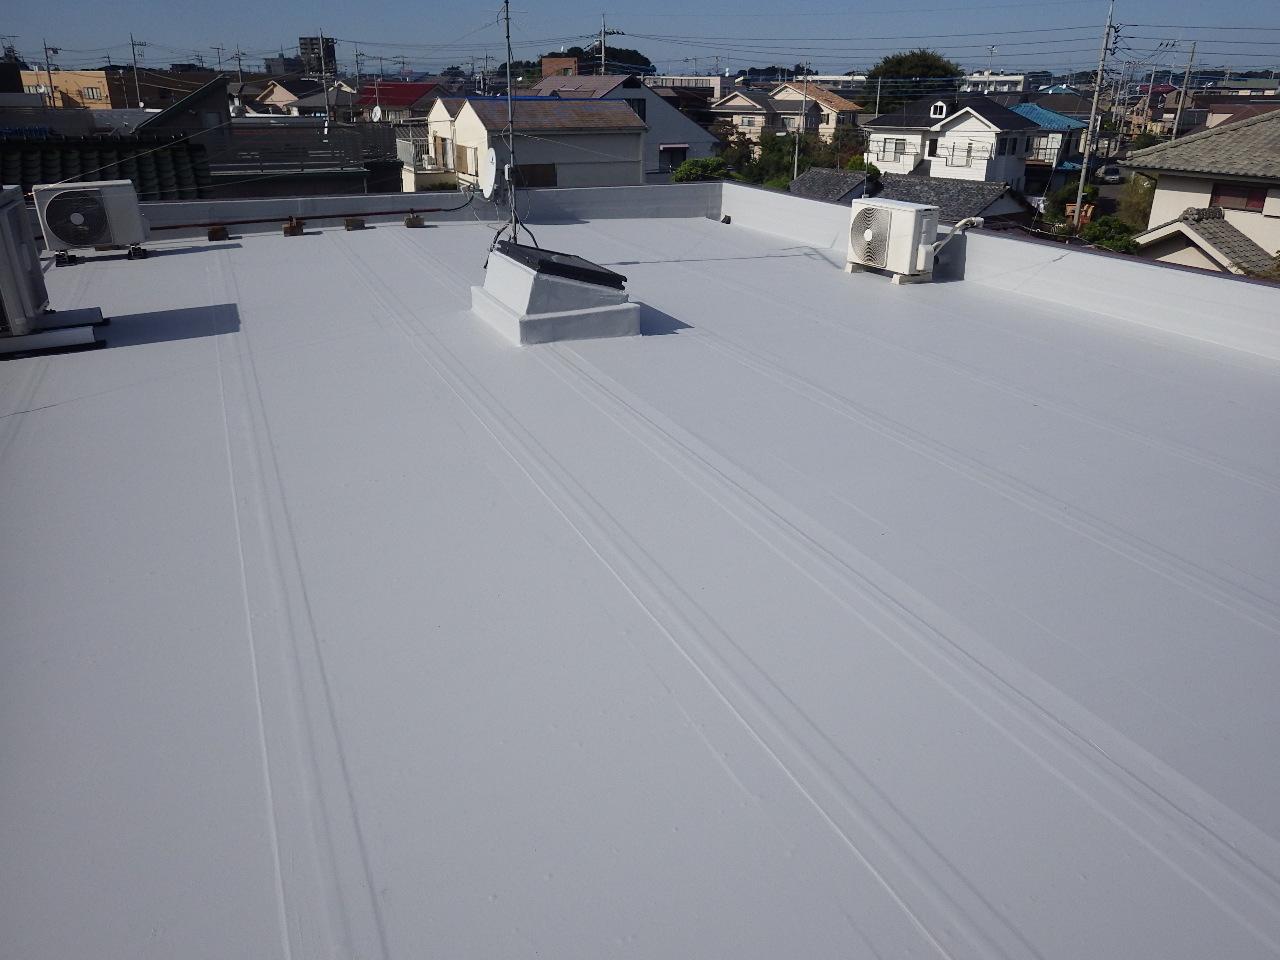 お家を守るために防水は重要!シート防水の改修もN&Nにお任せ!